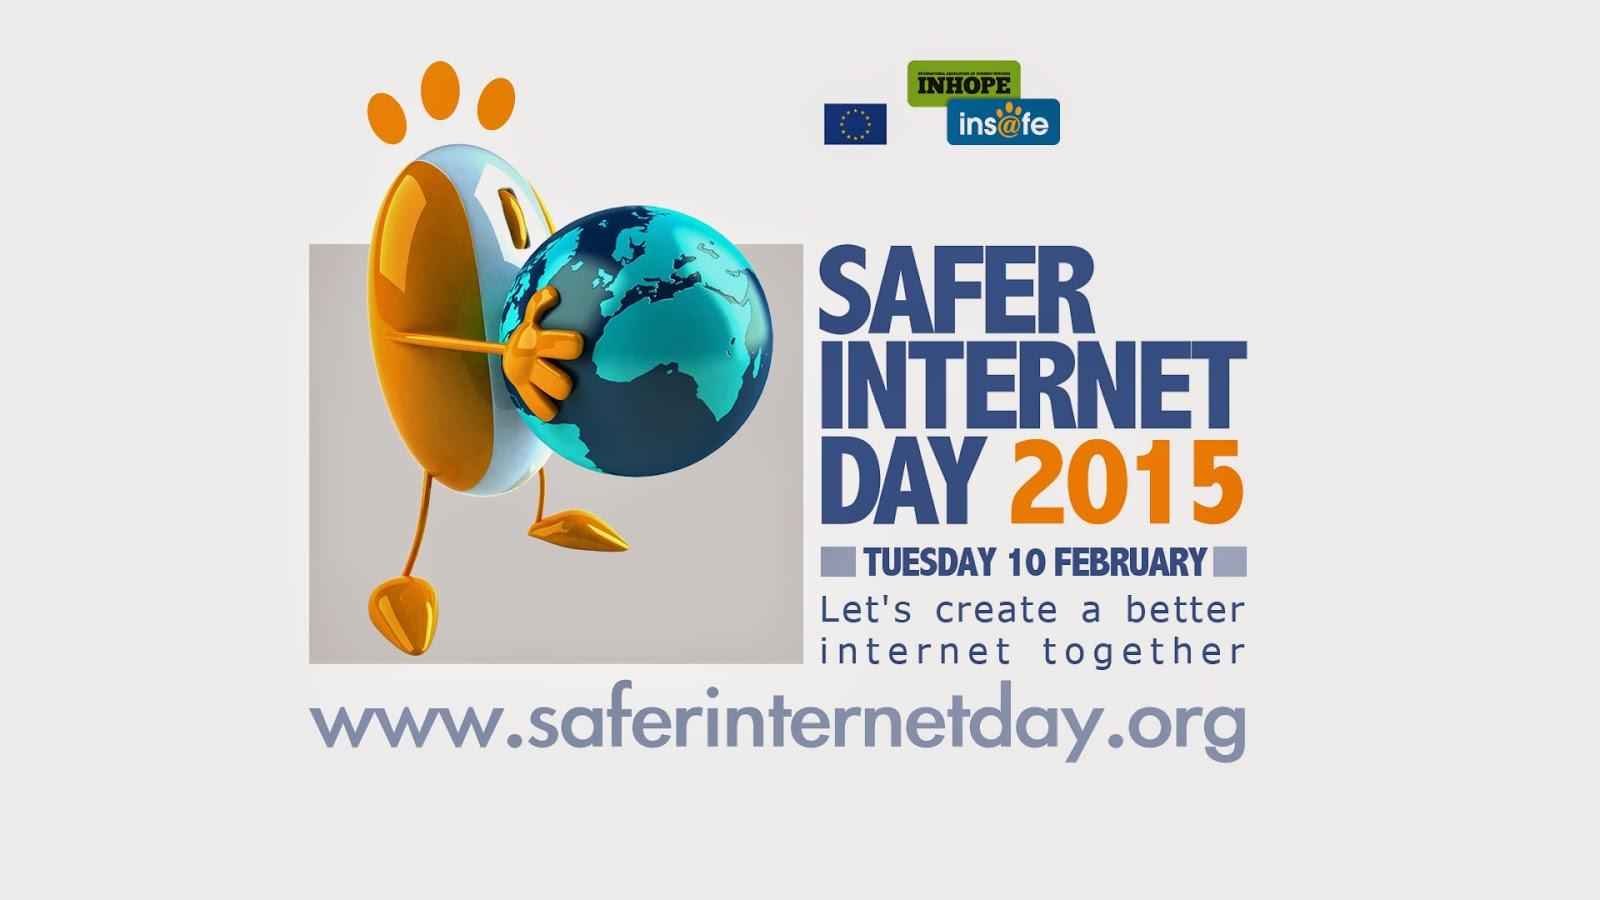 Día de la Internet Segura 2015 - Fénix Directo